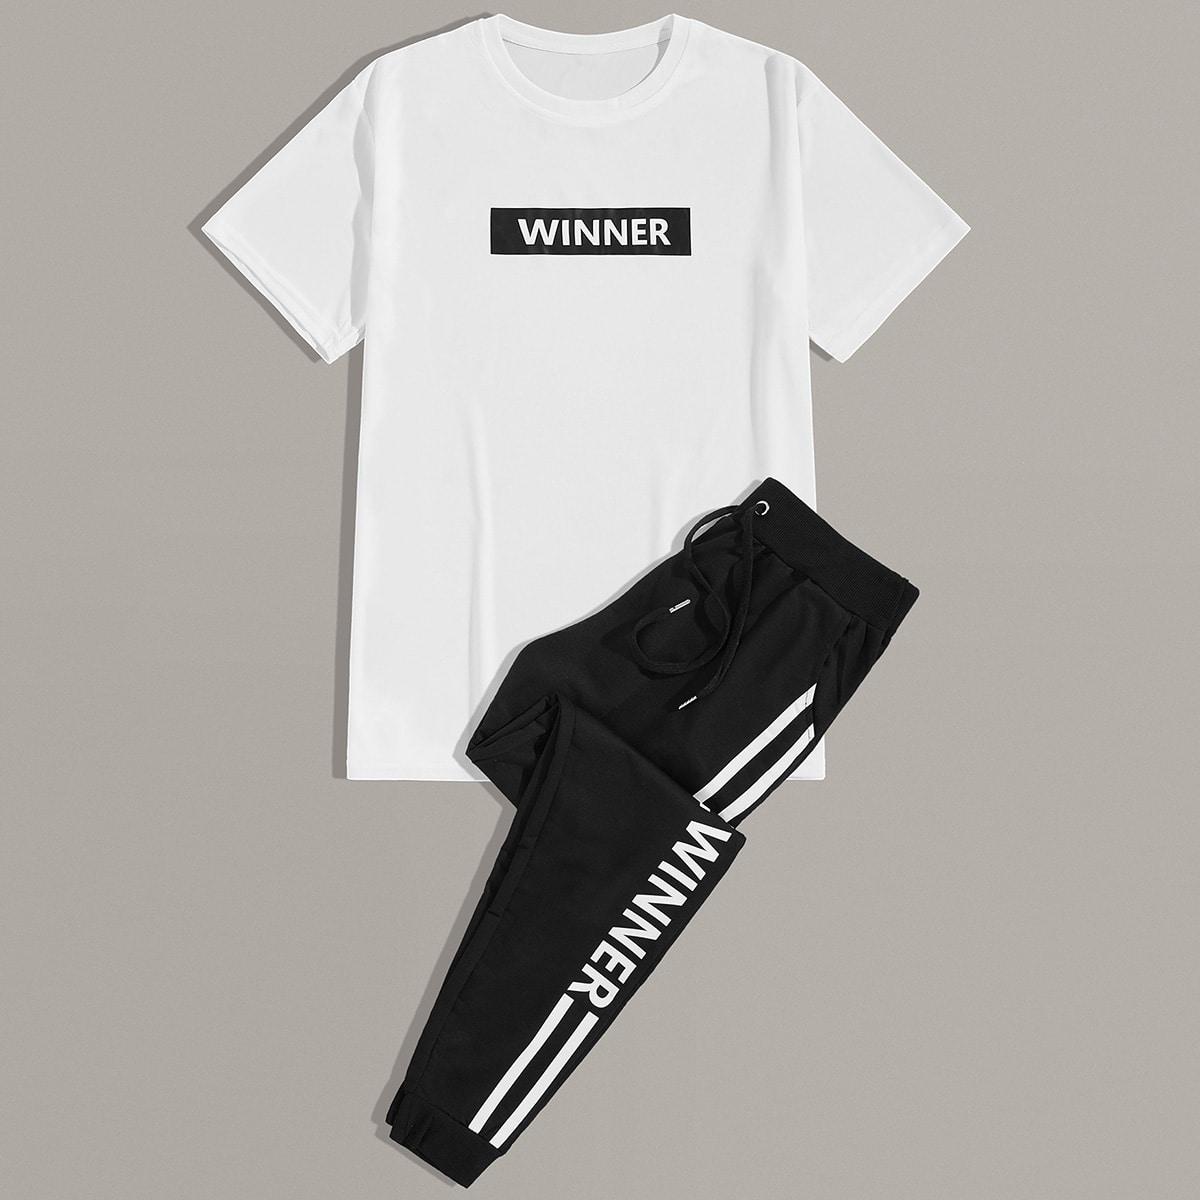 Мужские спортивные брюки и футболка с текстовым принтом от SHEIN